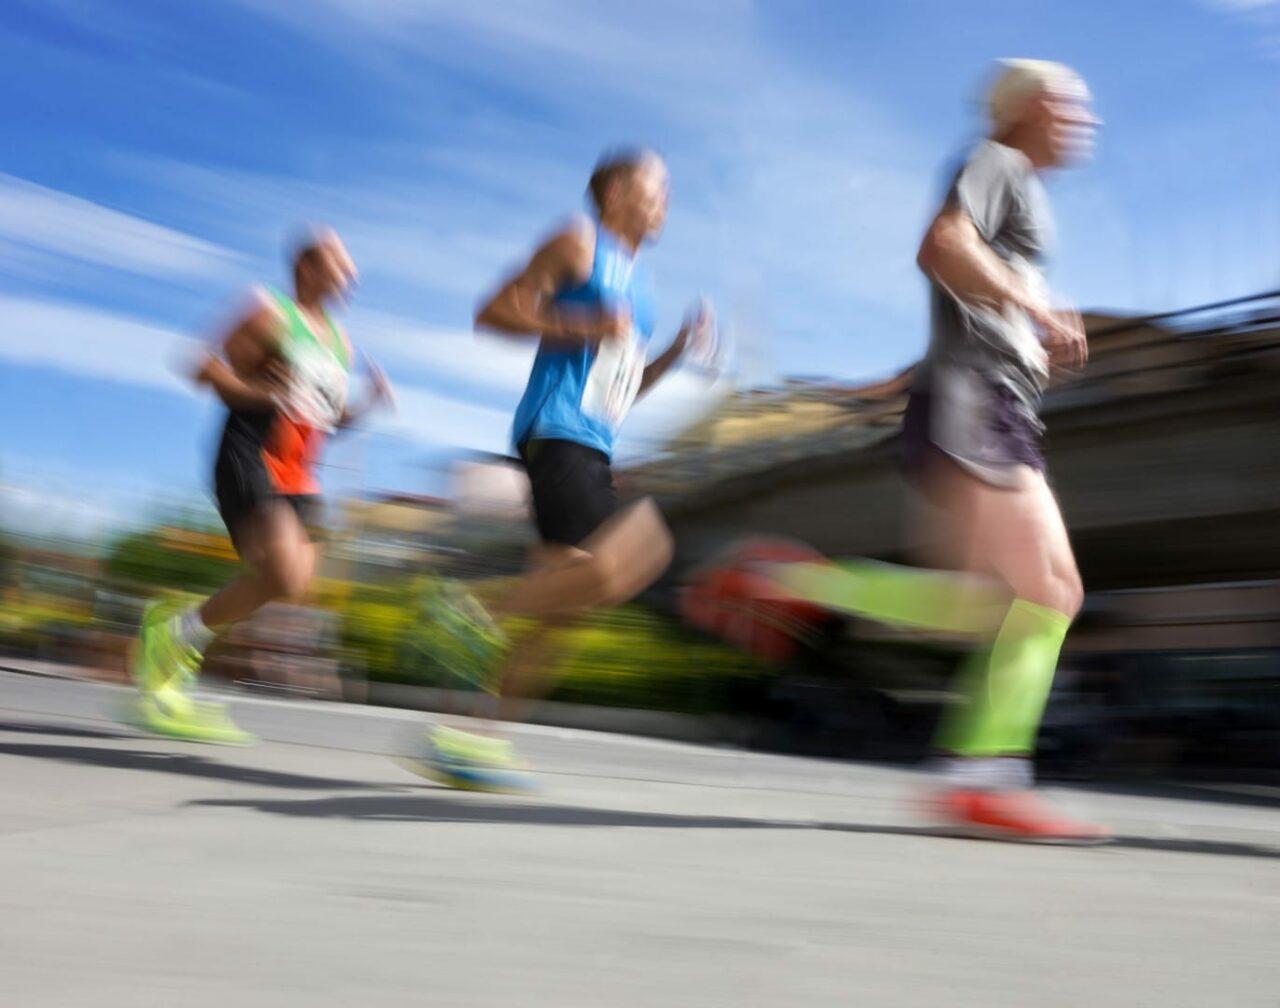 Three running men